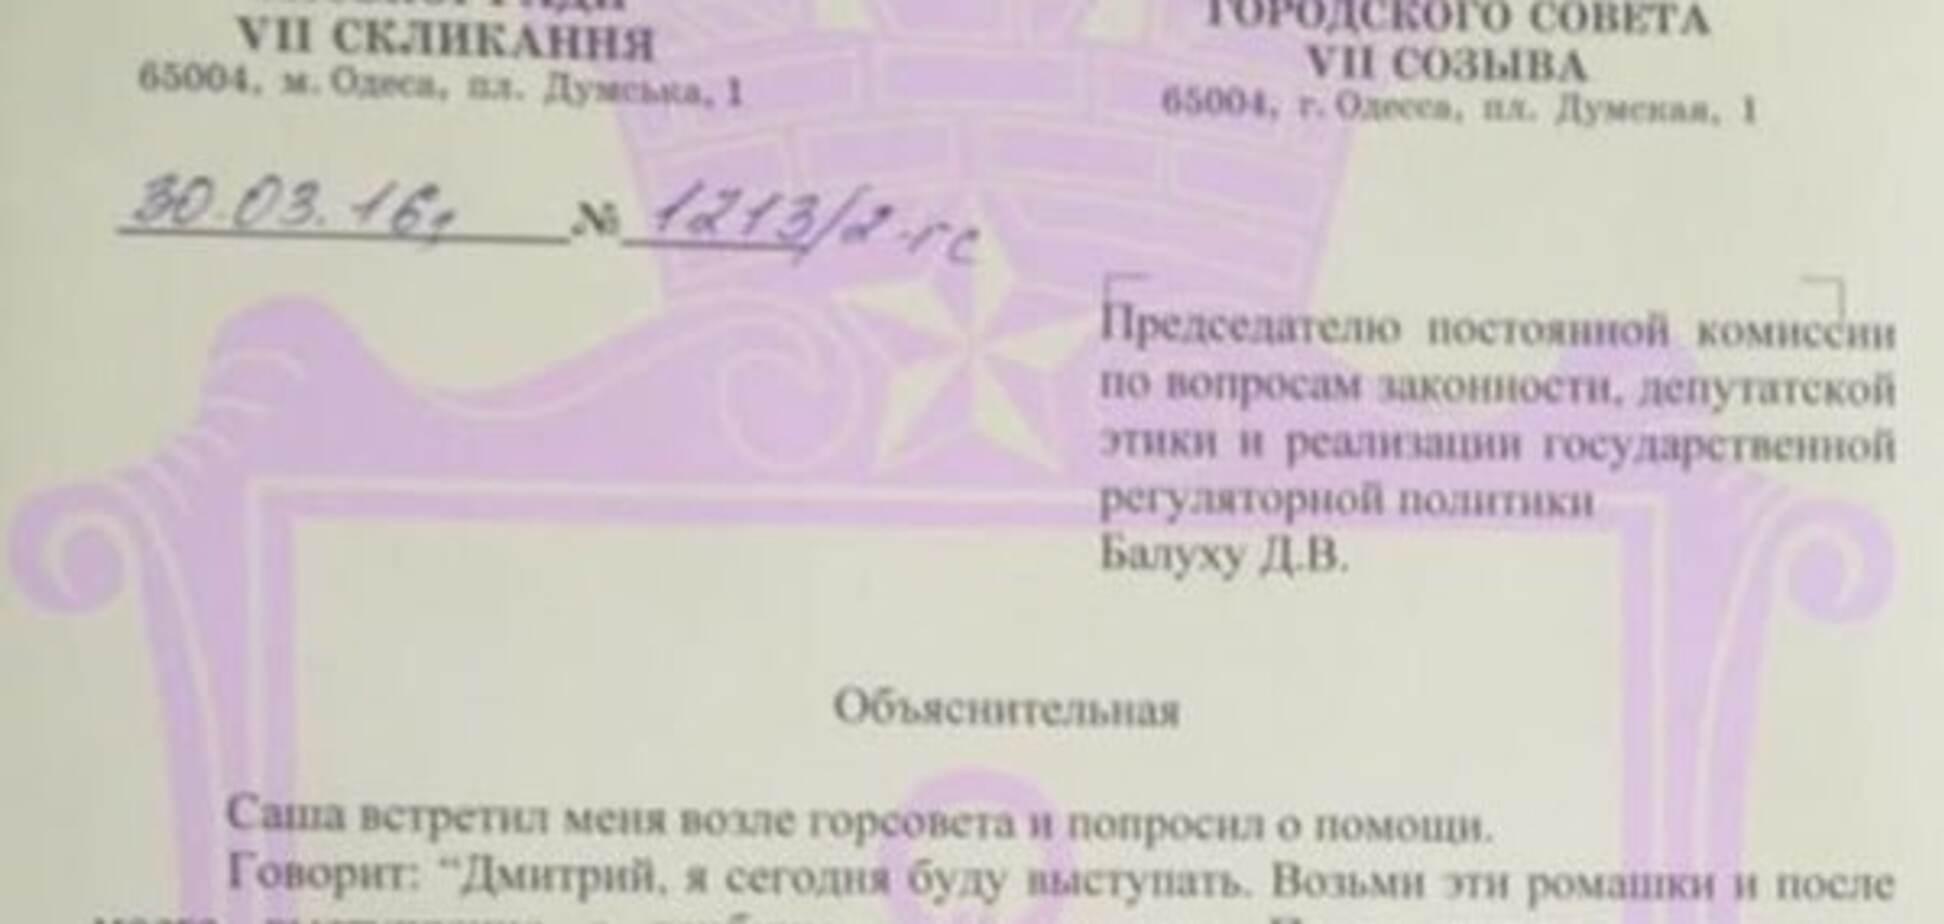 'Сидів на руках спокійно': в мережі з'явилася пояснювальна депутата, який виніс Боровика з мерії. Фотофакт